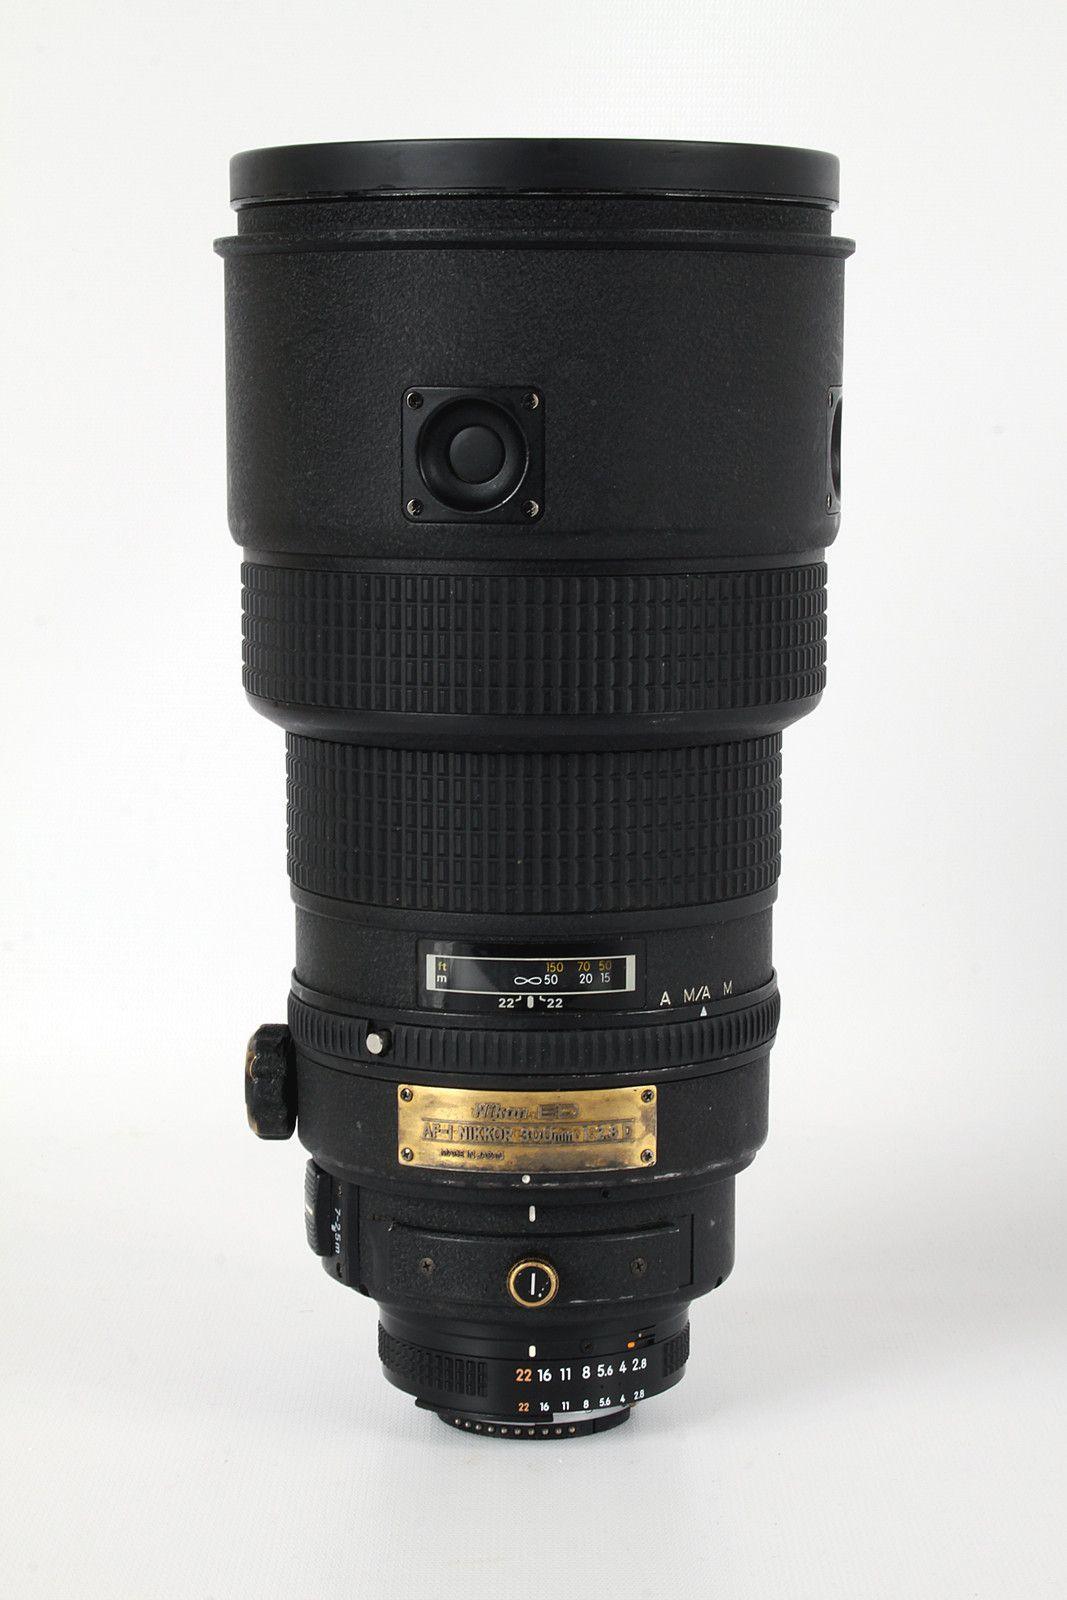 Nikon 300mm F 2 8 D Ed If Af I Performance Telephoto Lens 203550 19966 Nikon Nikon Lenses Camera Nikon